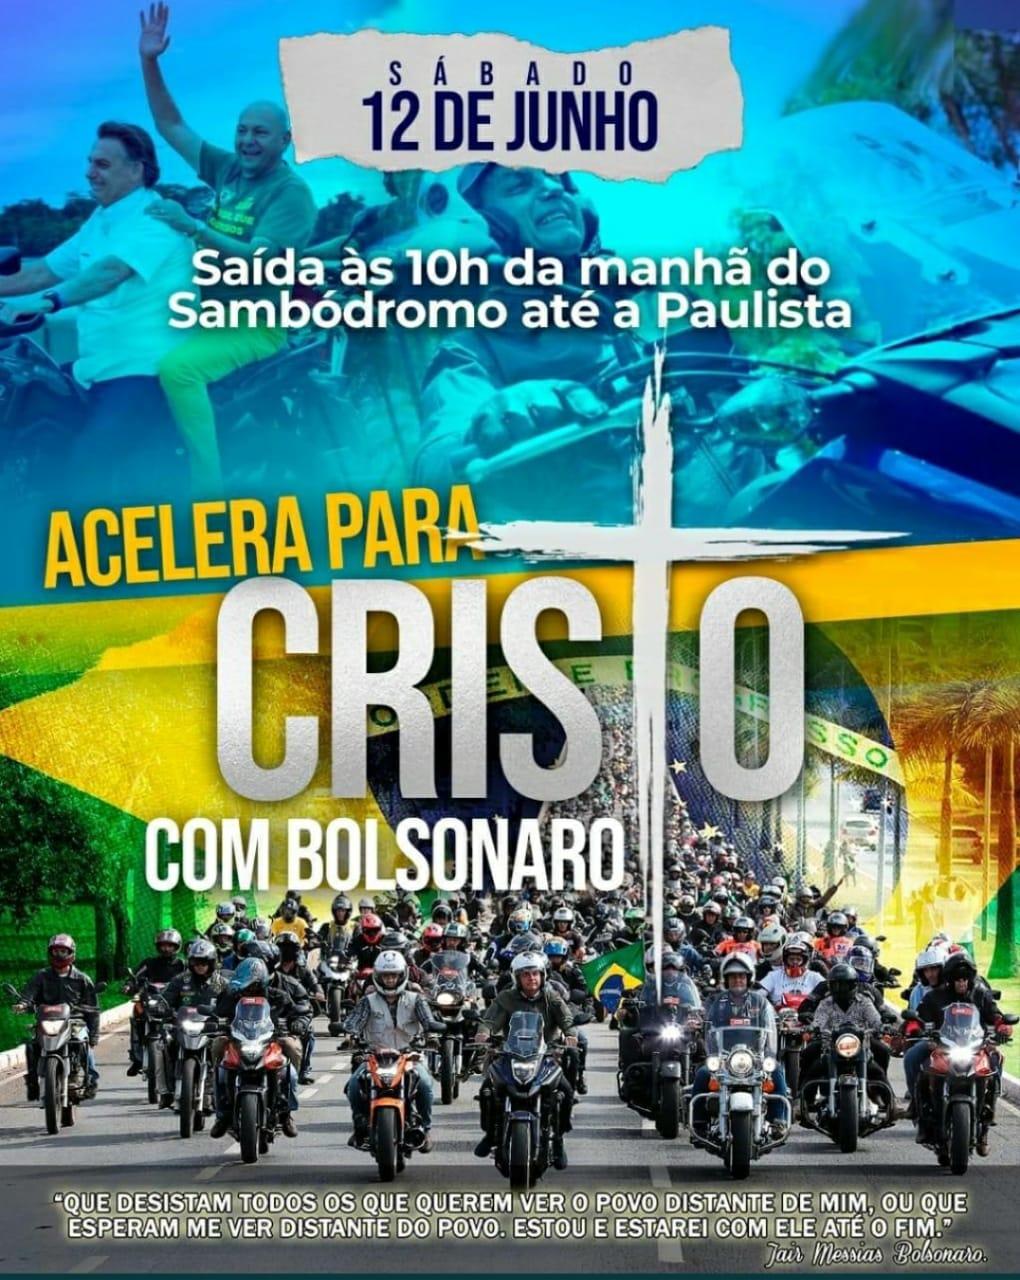 IMAGEM: Bolsonaristas organizam manifestação de 'motoboys com Cristo' em SP